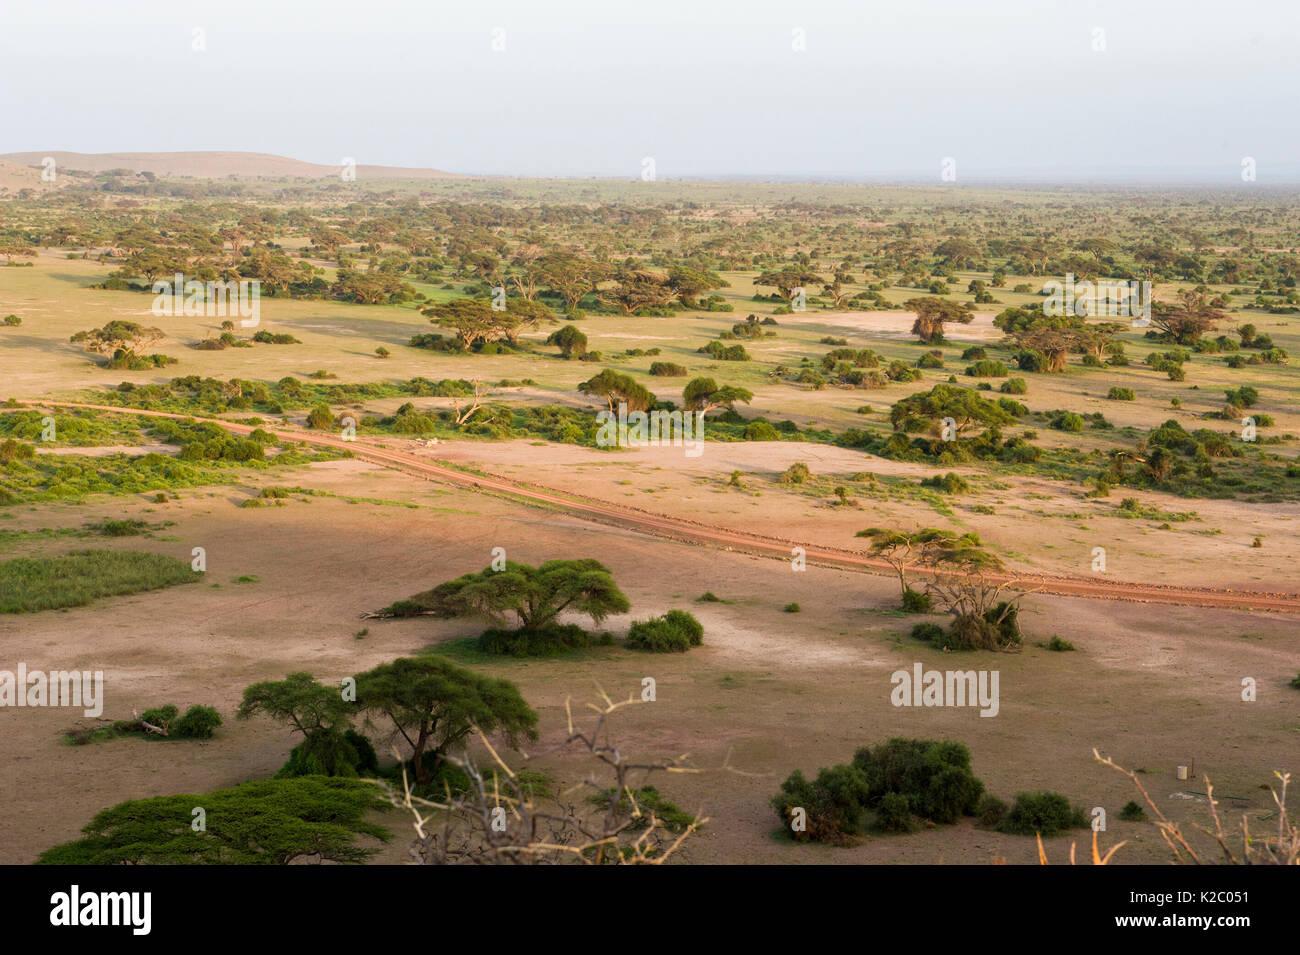 Aerial landscape of Amboseli National Park, Kenya, January 2015. - Stock Image